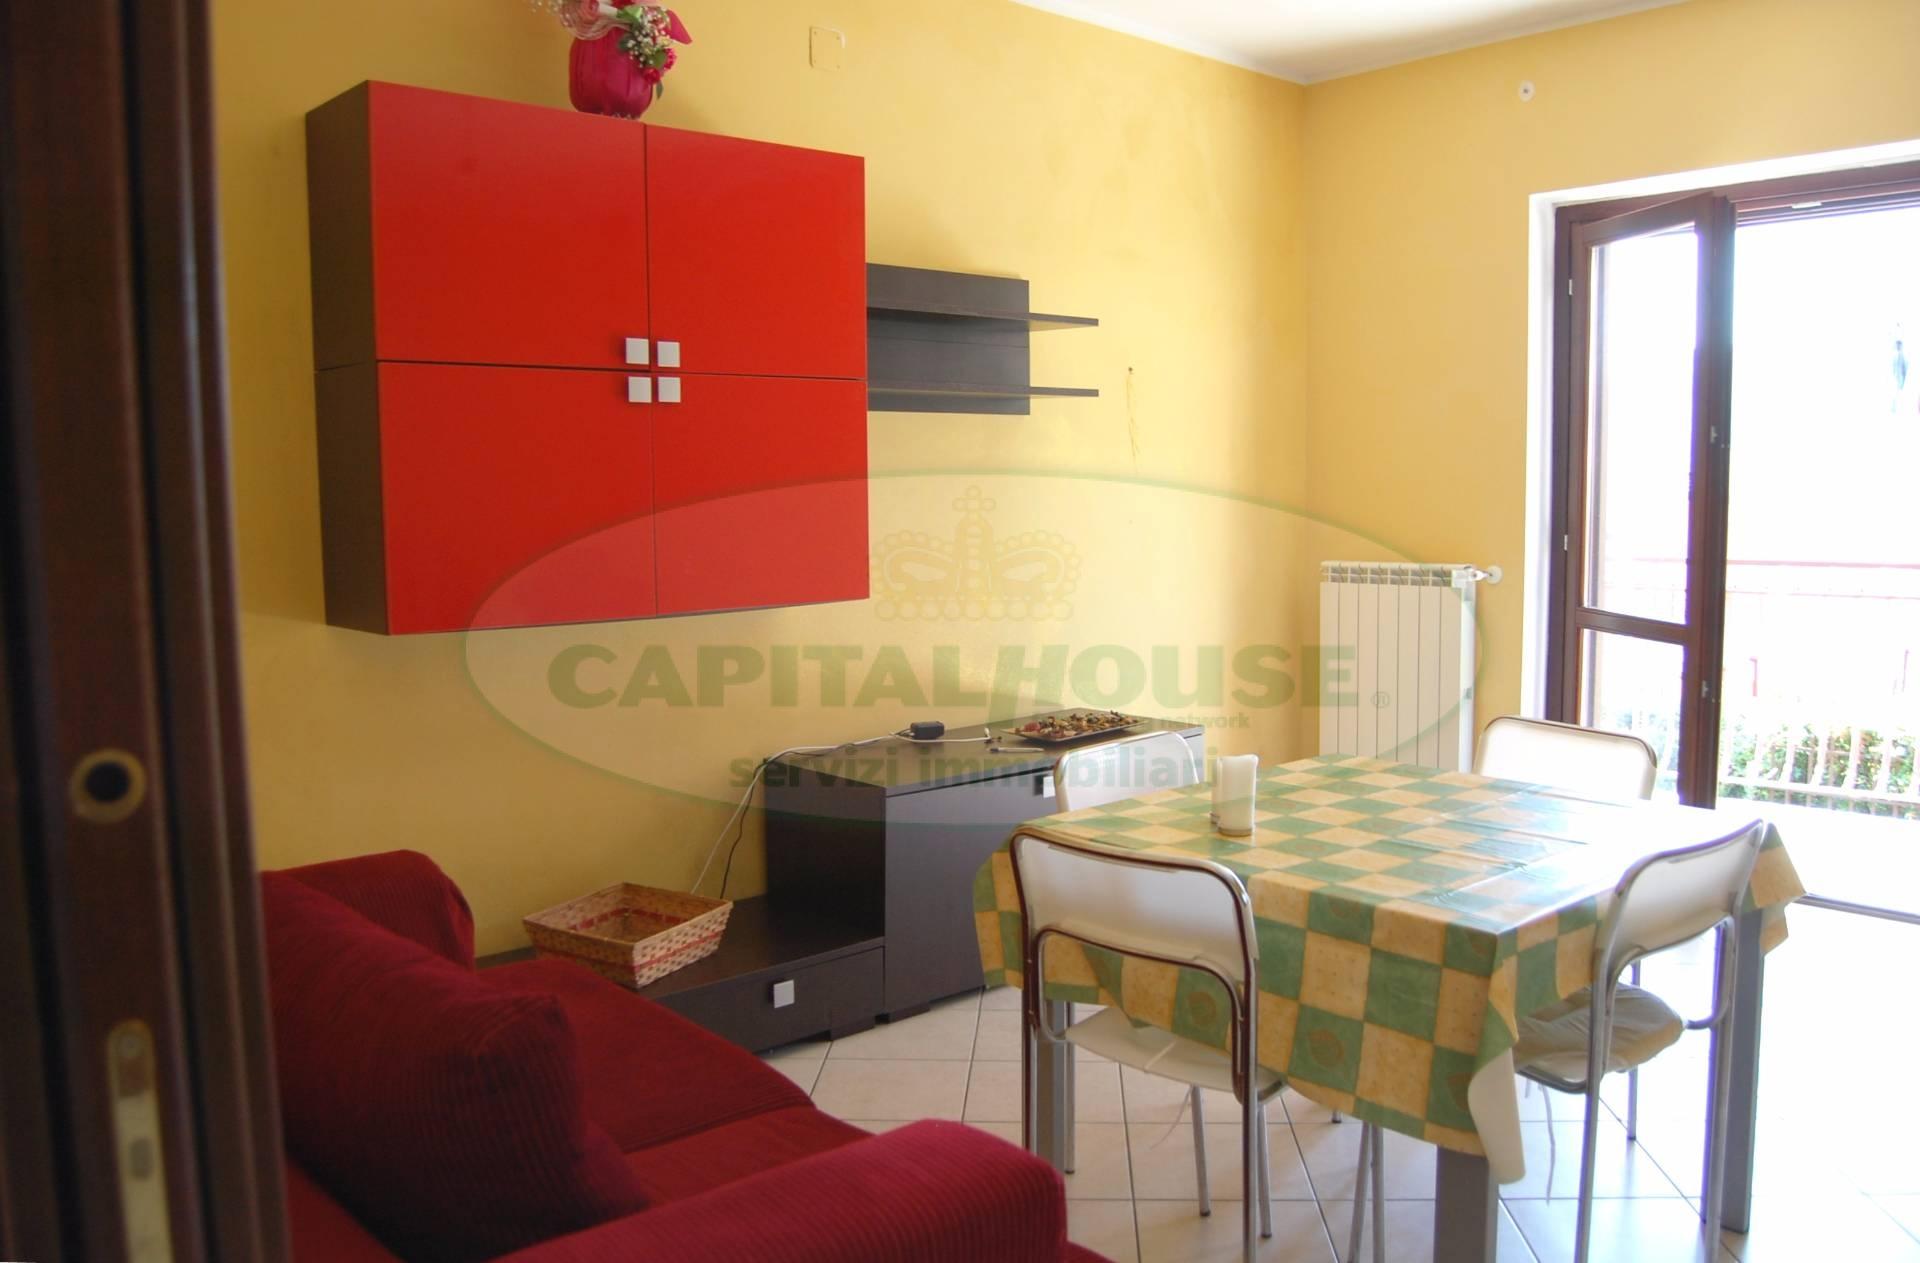 Appartamento in affitto a Monteforte Irpino, 4 locali, zona Località: Borgo, prezzo € 400 | CambioCasa.it